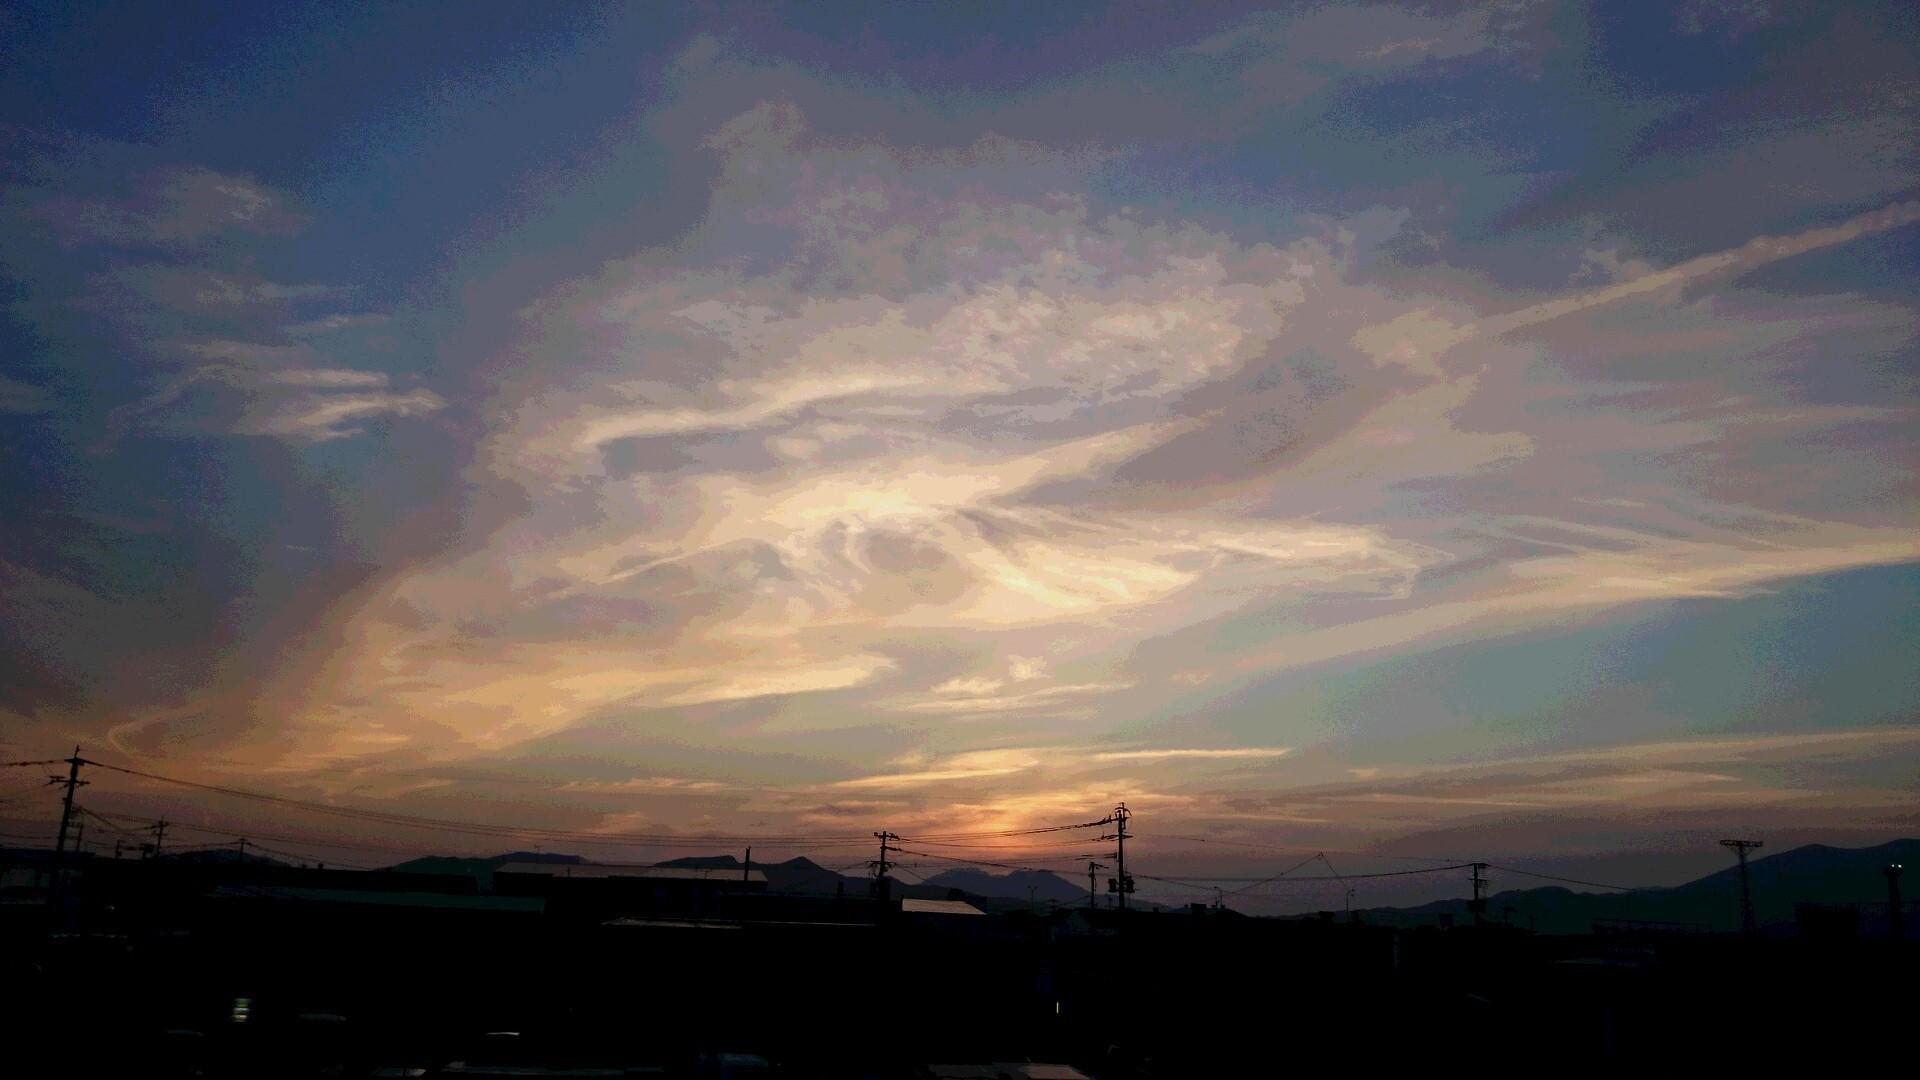 〔空と雲〕神様のお絵かき&空にお習字?…。(^^)_b0298740_22222585.jpg